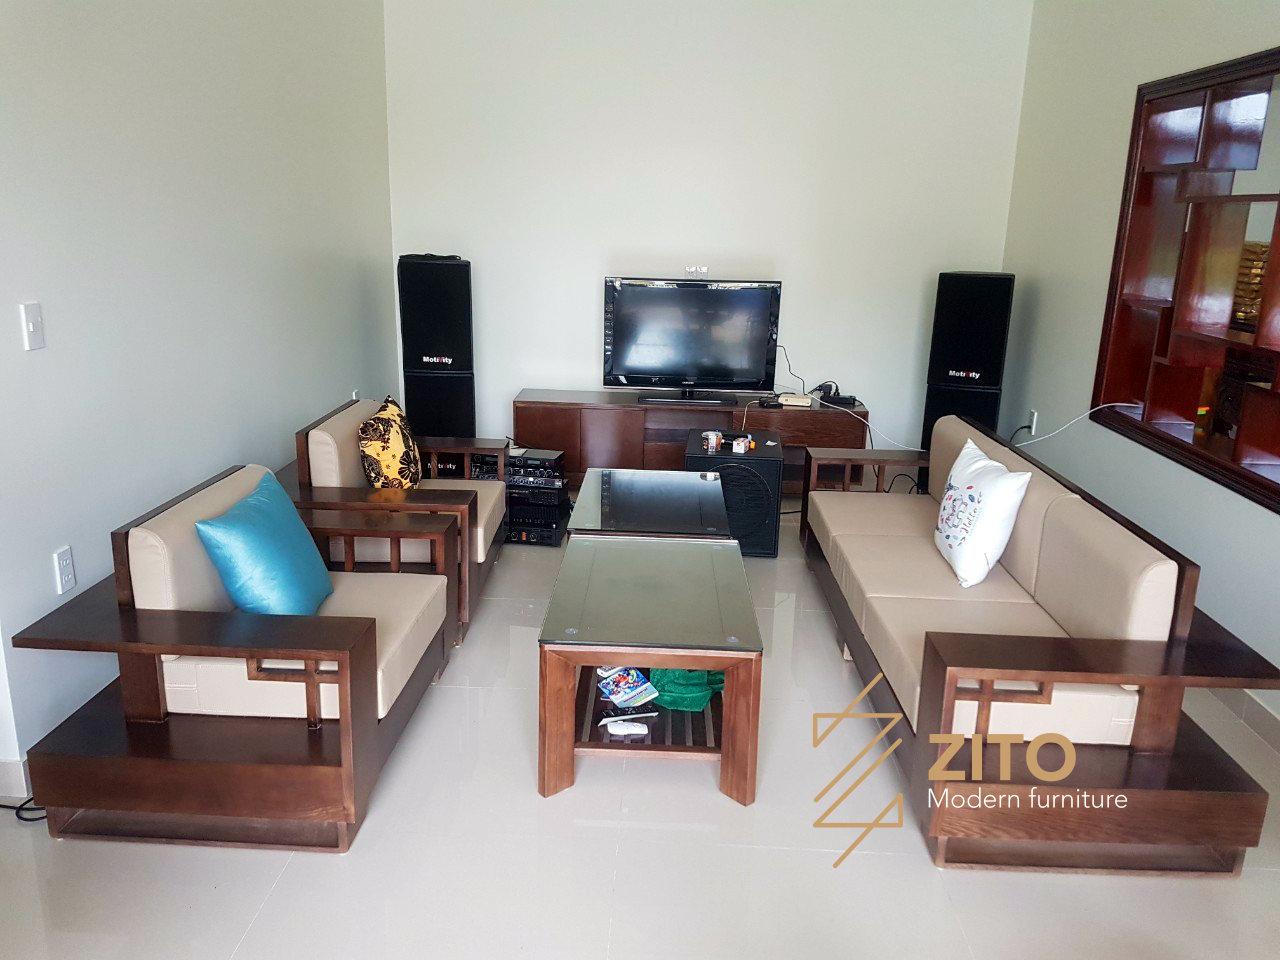 Chiêm ngưỡng ảnh thực tế bộ sofa ZG 117 tại nhà anh Mạnh - Hải Phòng